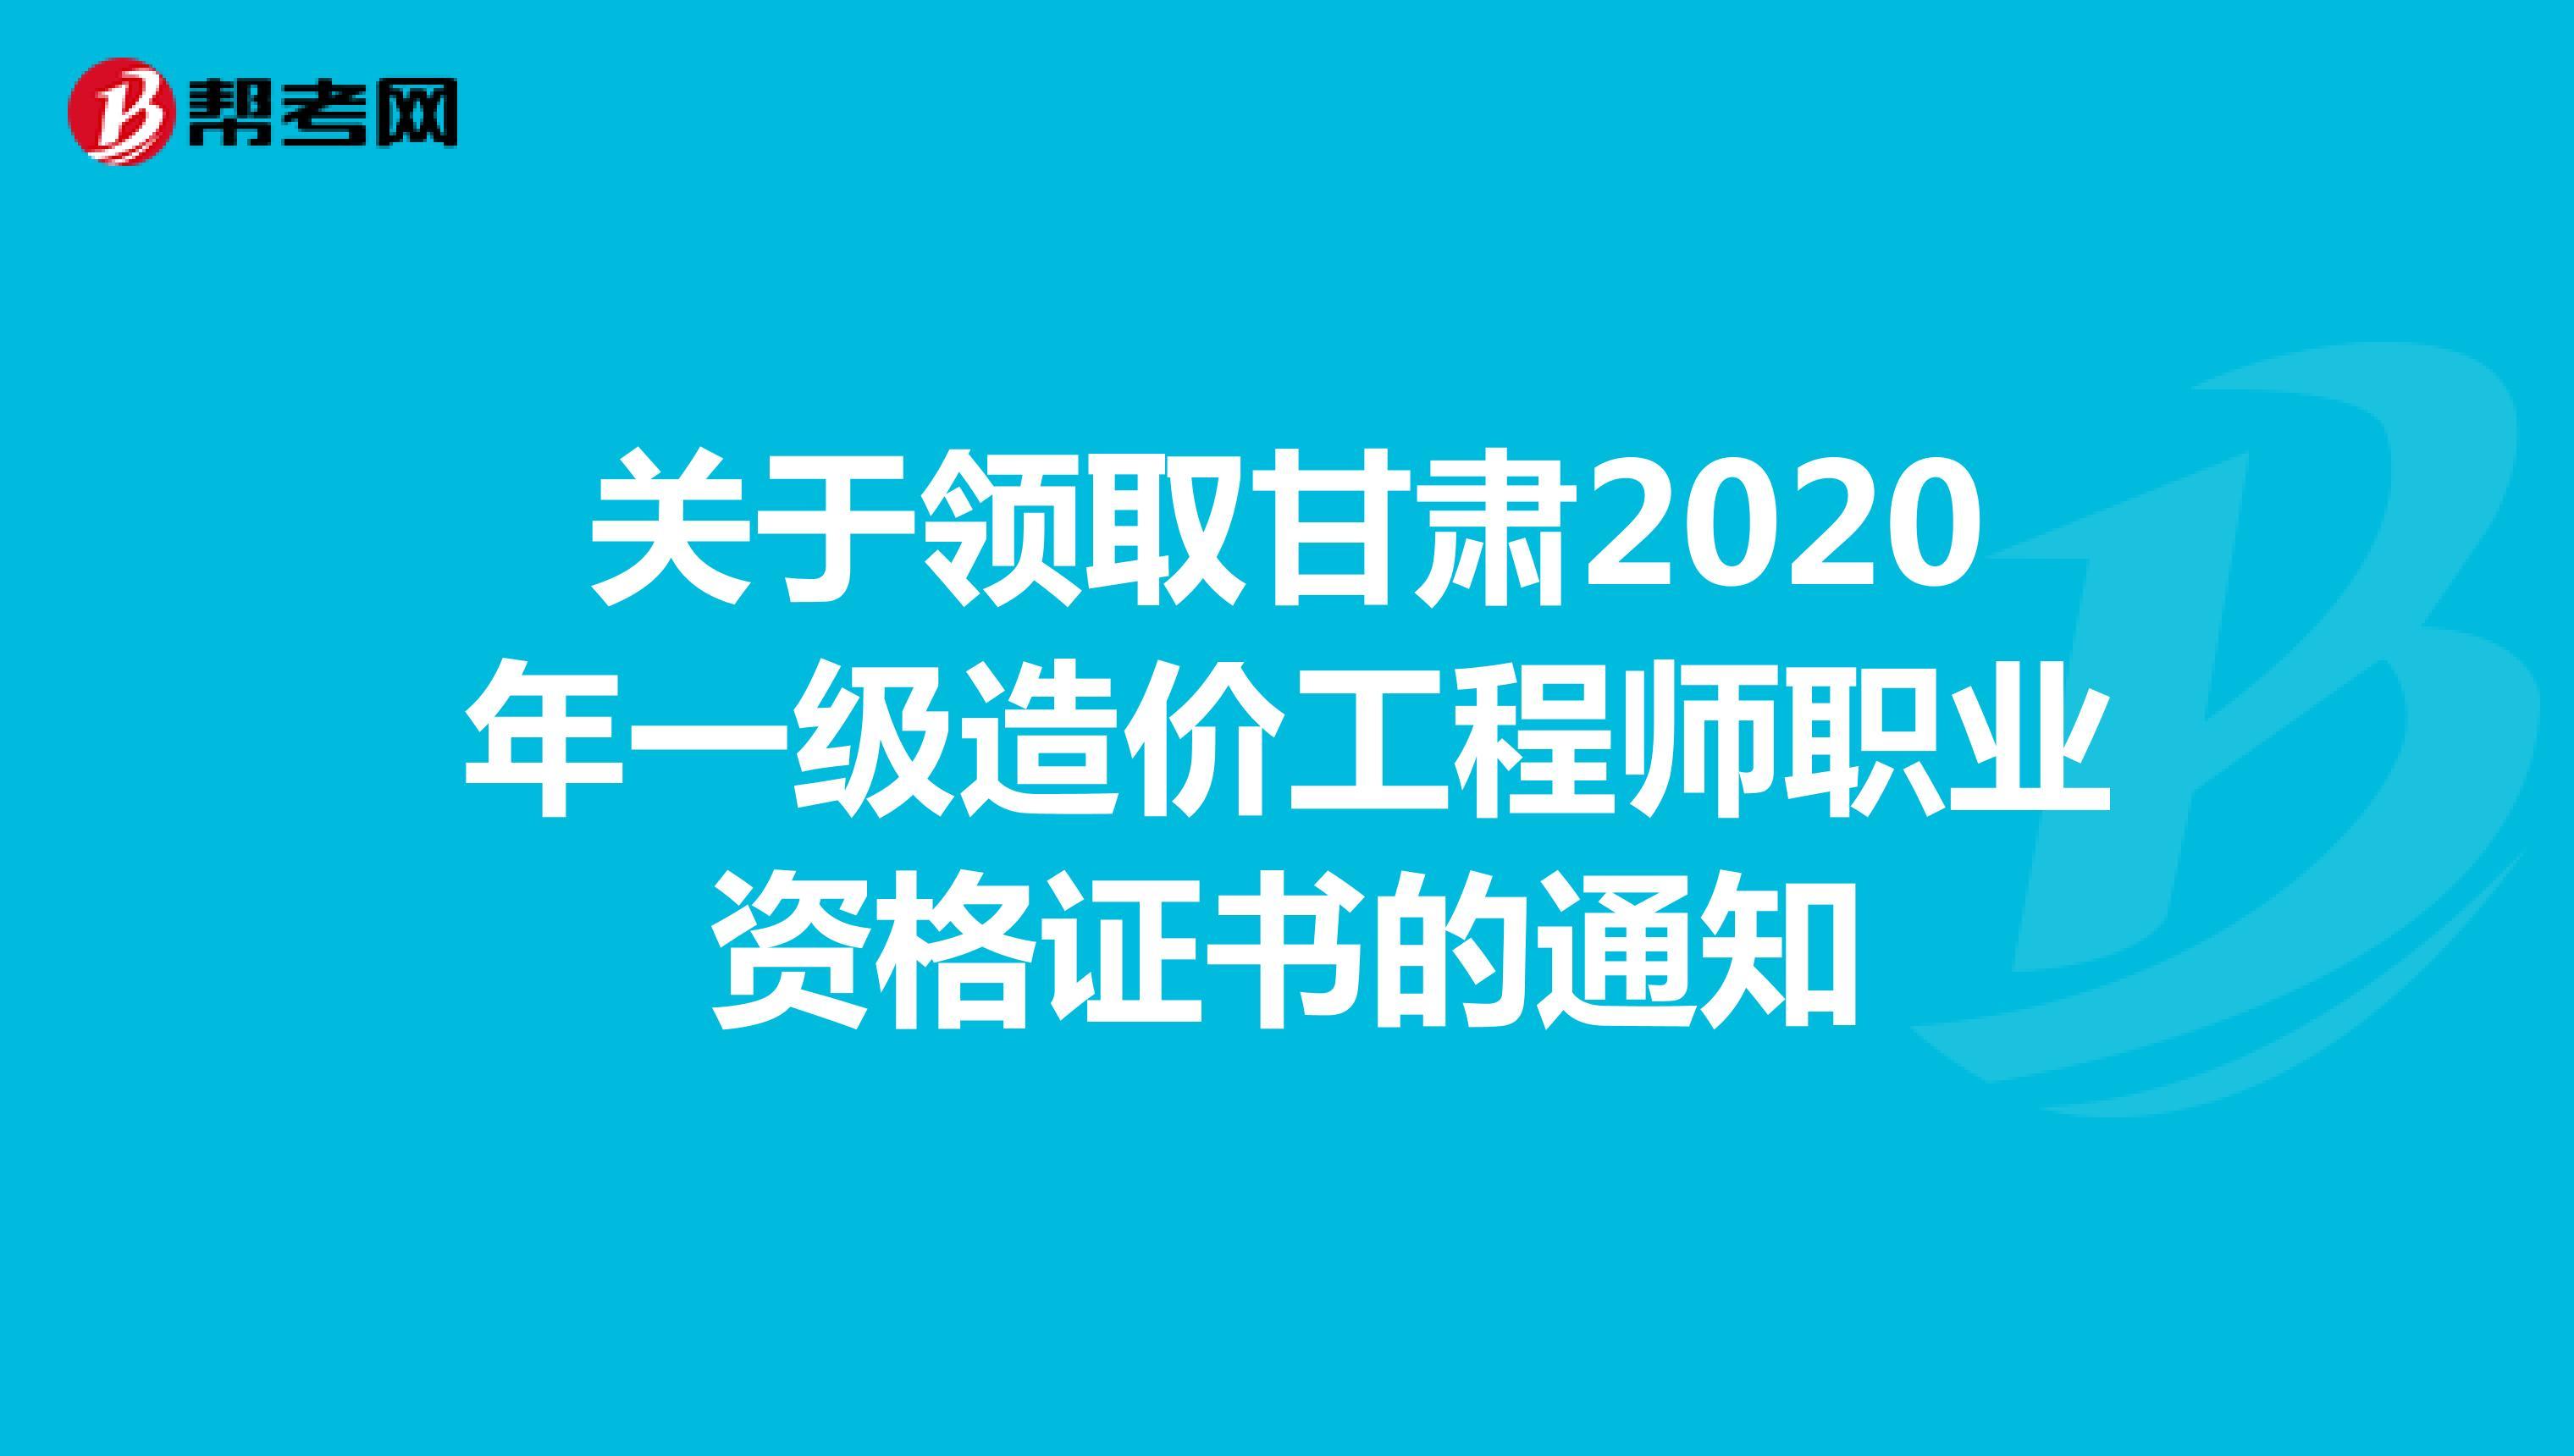 关于领取甘肃2020年一级造价工程师职业资格证书的通知